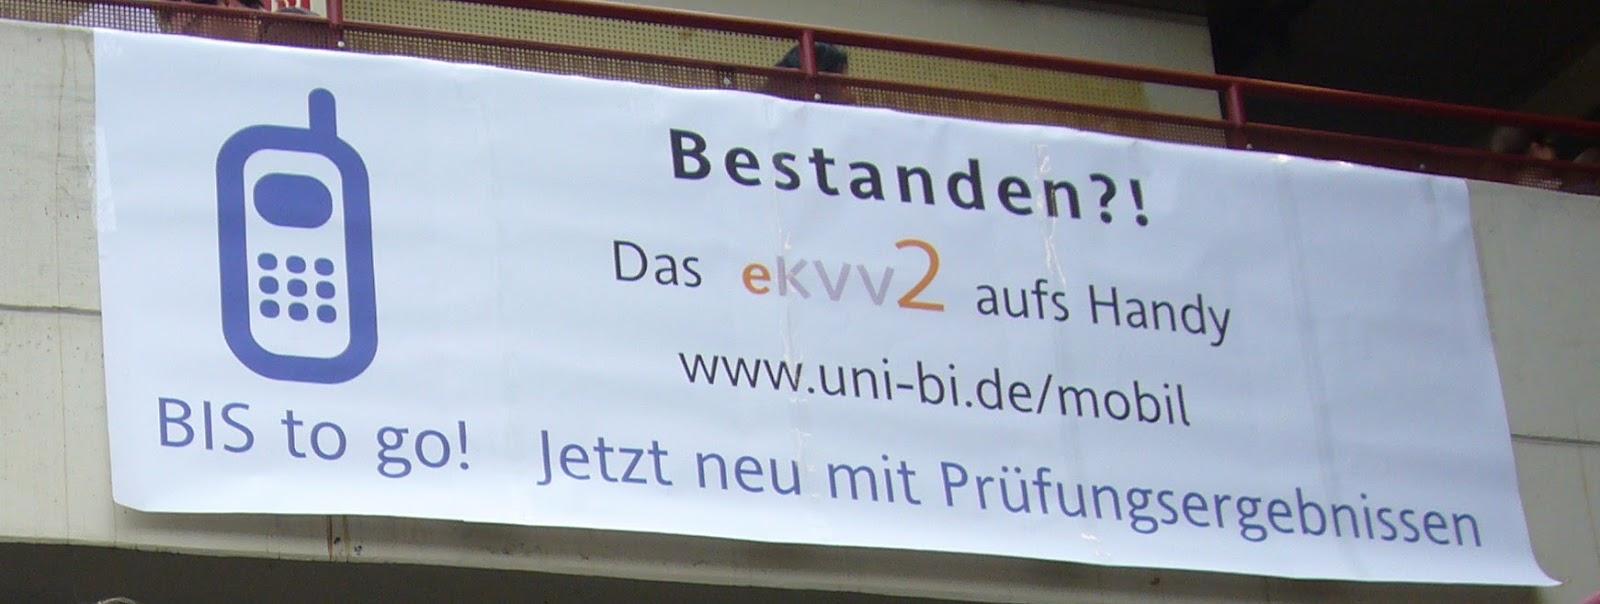 BIS to go Plakat 2008.JPG